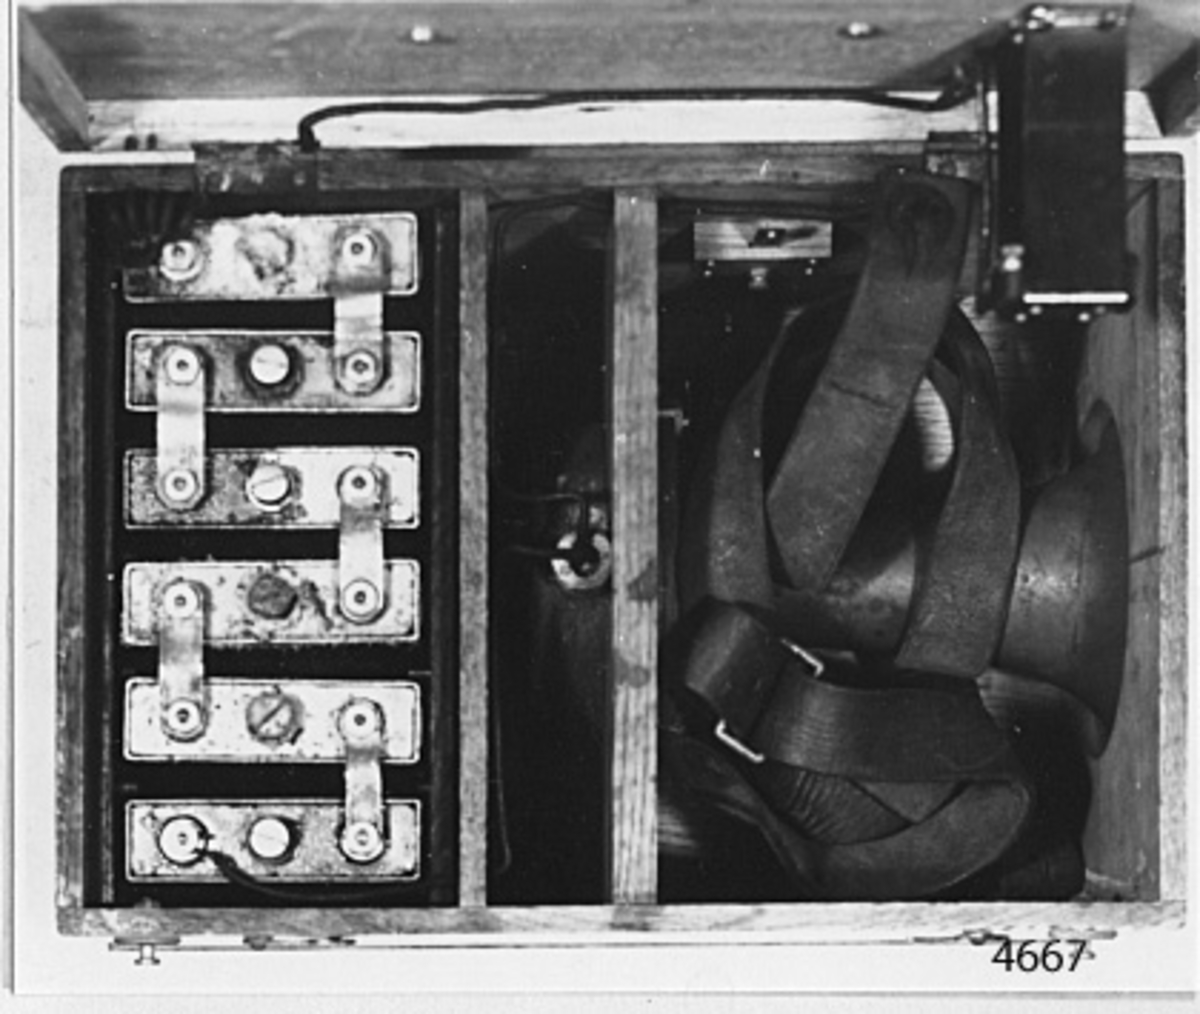 Salvsignalgivare med sex stycken Nifeelement inuti transpotabel låda av trä, fernissad. På undersidan av lådans lock kontakt för avgivare för signal från knapp på lockets översida. Inuti lådan finns bärrem av läder, brunt, samt fast på sidan kontaktfjäder till givaren. På lådans lock bärhandtag av mässing, förnicklad, på sidorna haspar av mässing till locket och fyra stycken knappar av mässing för bärremen. Givaren märkt i vitt med Örnen.